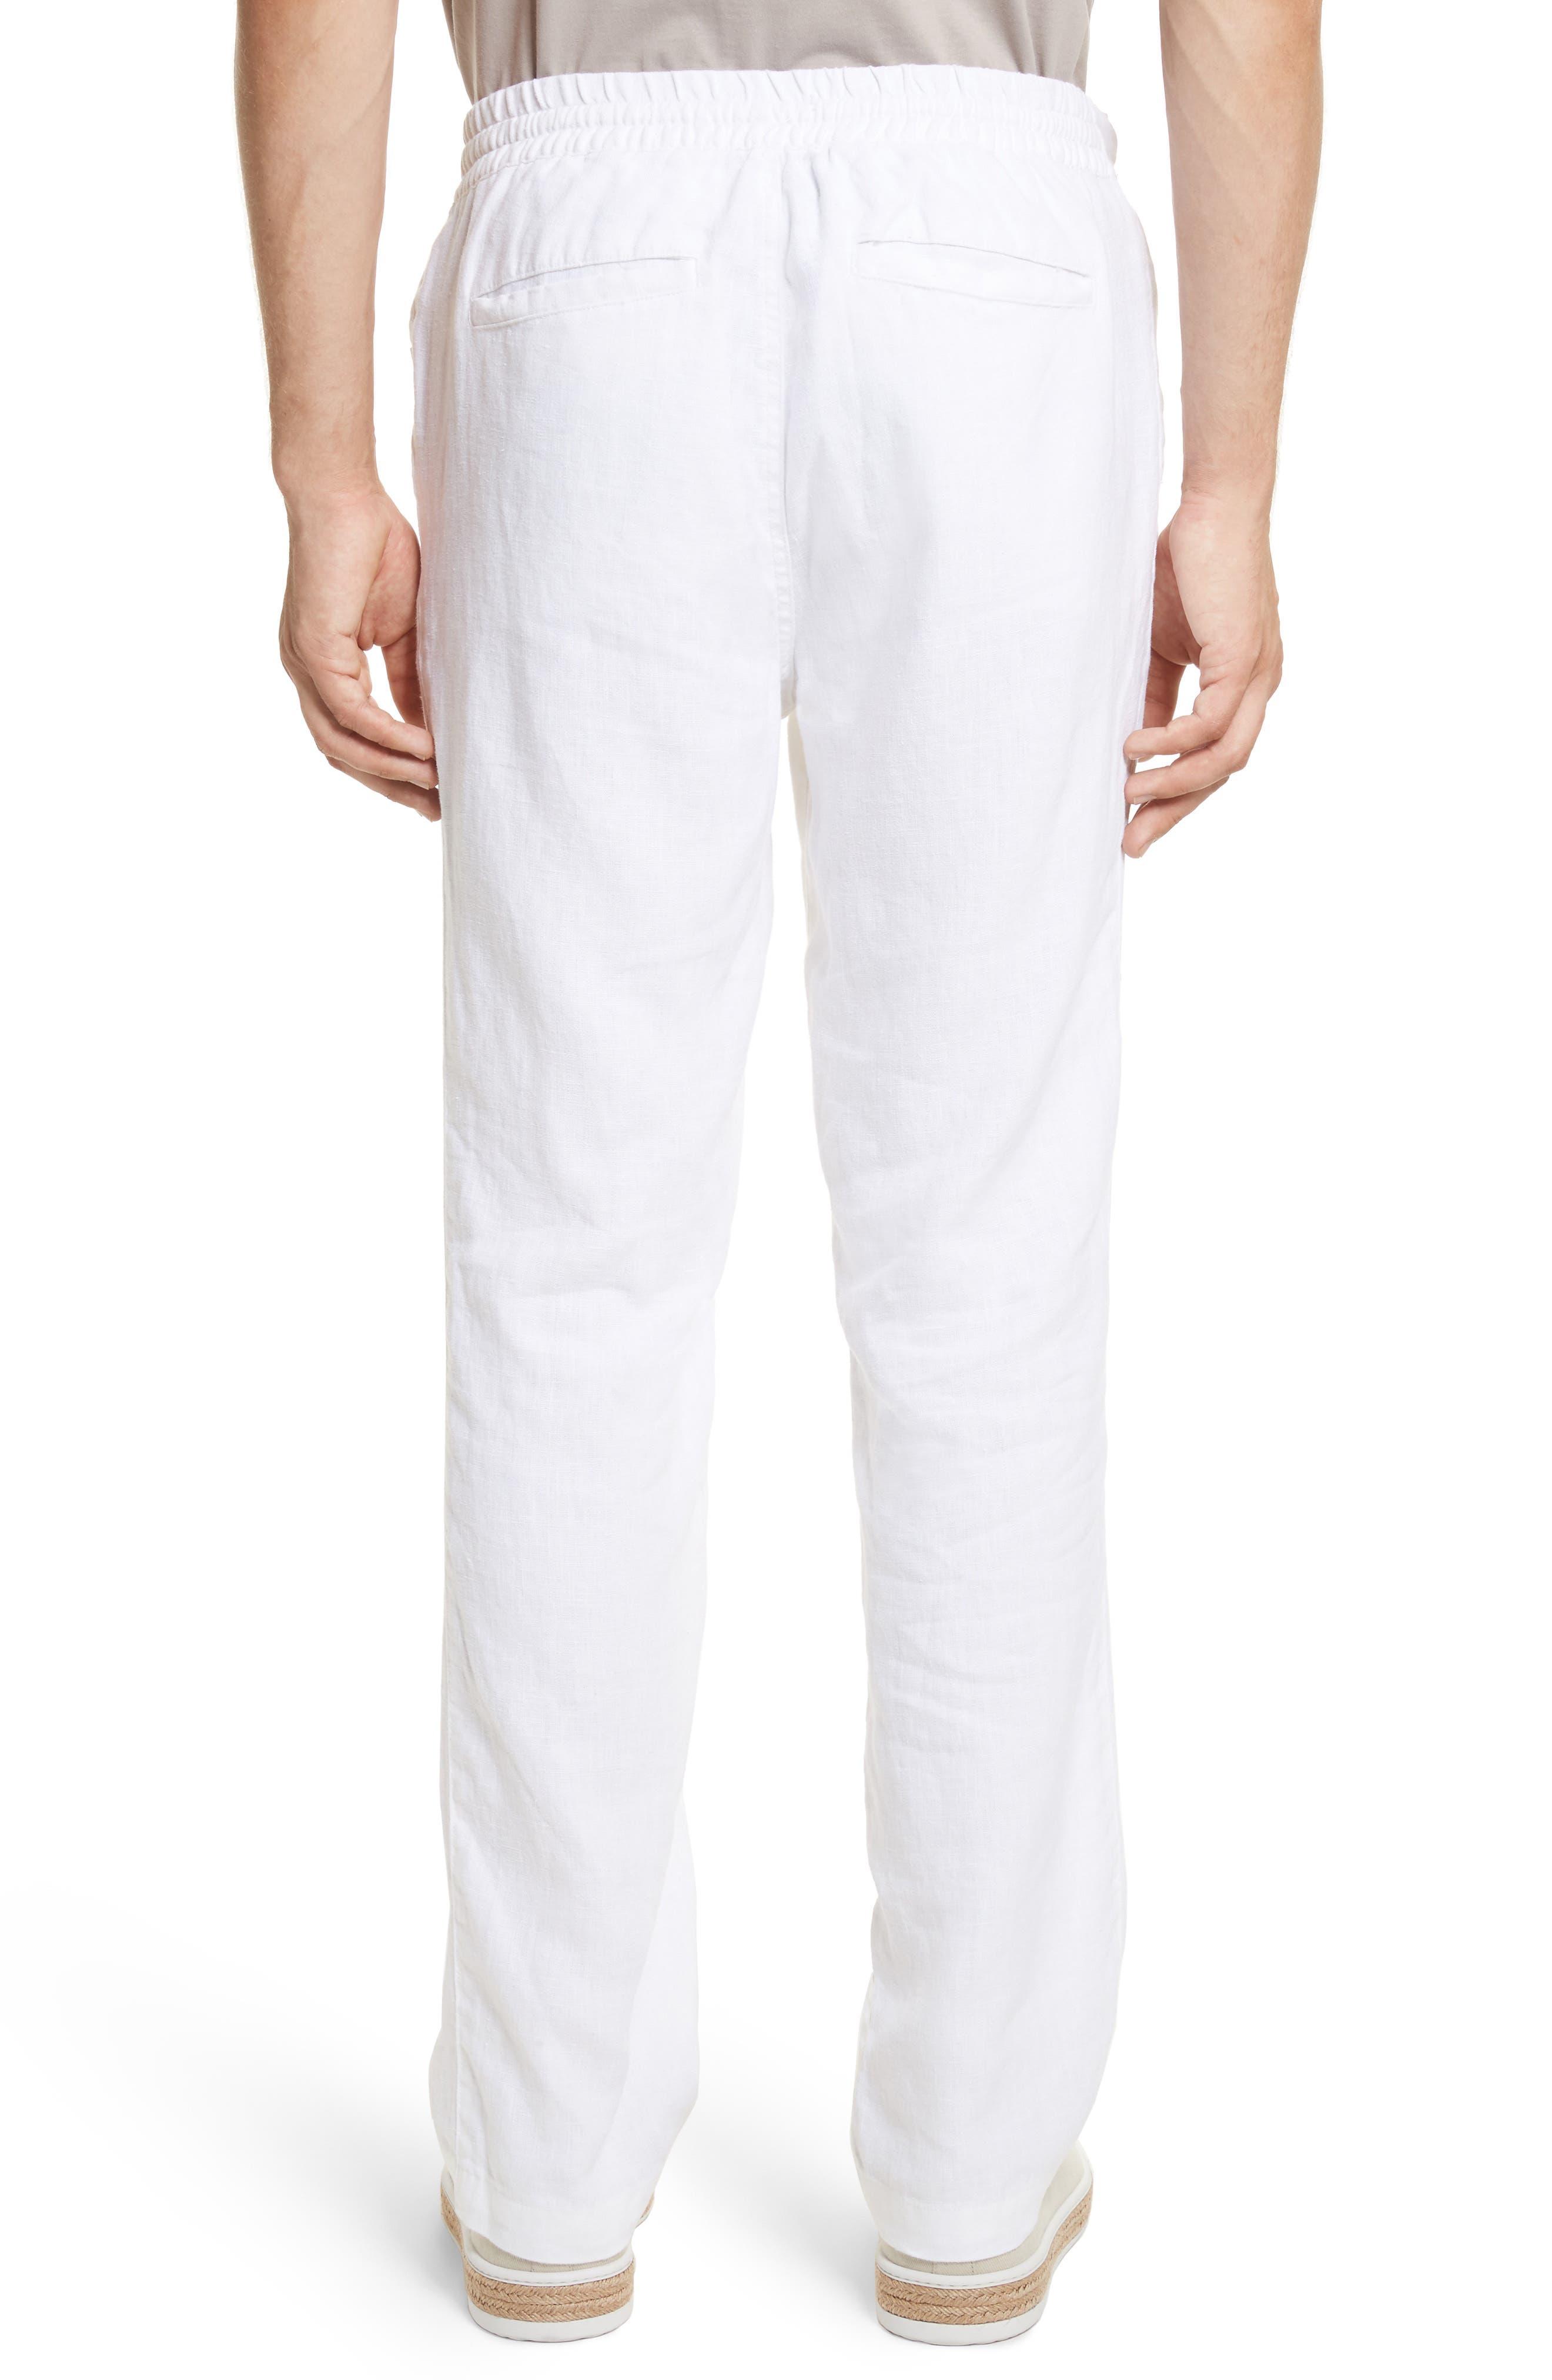 Collin Linen Pants,                             Alternate thumbnail 2, color,                             100